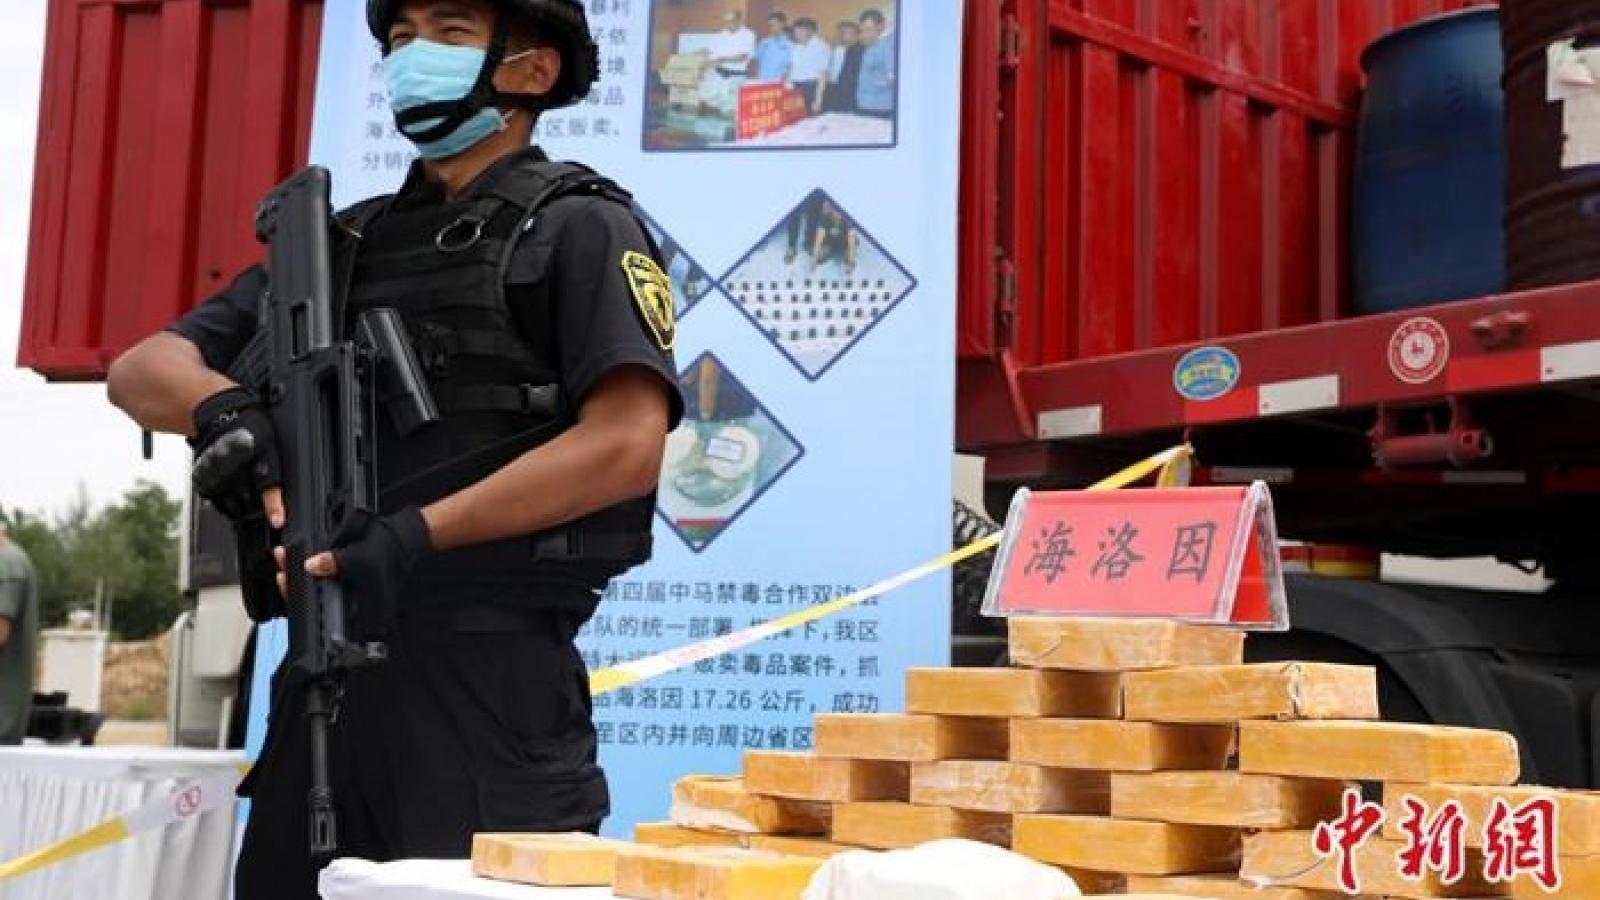 Trung Quốc: Vận chuyển ma túy qua chuyển phát nhanh gia tăng sau dịch